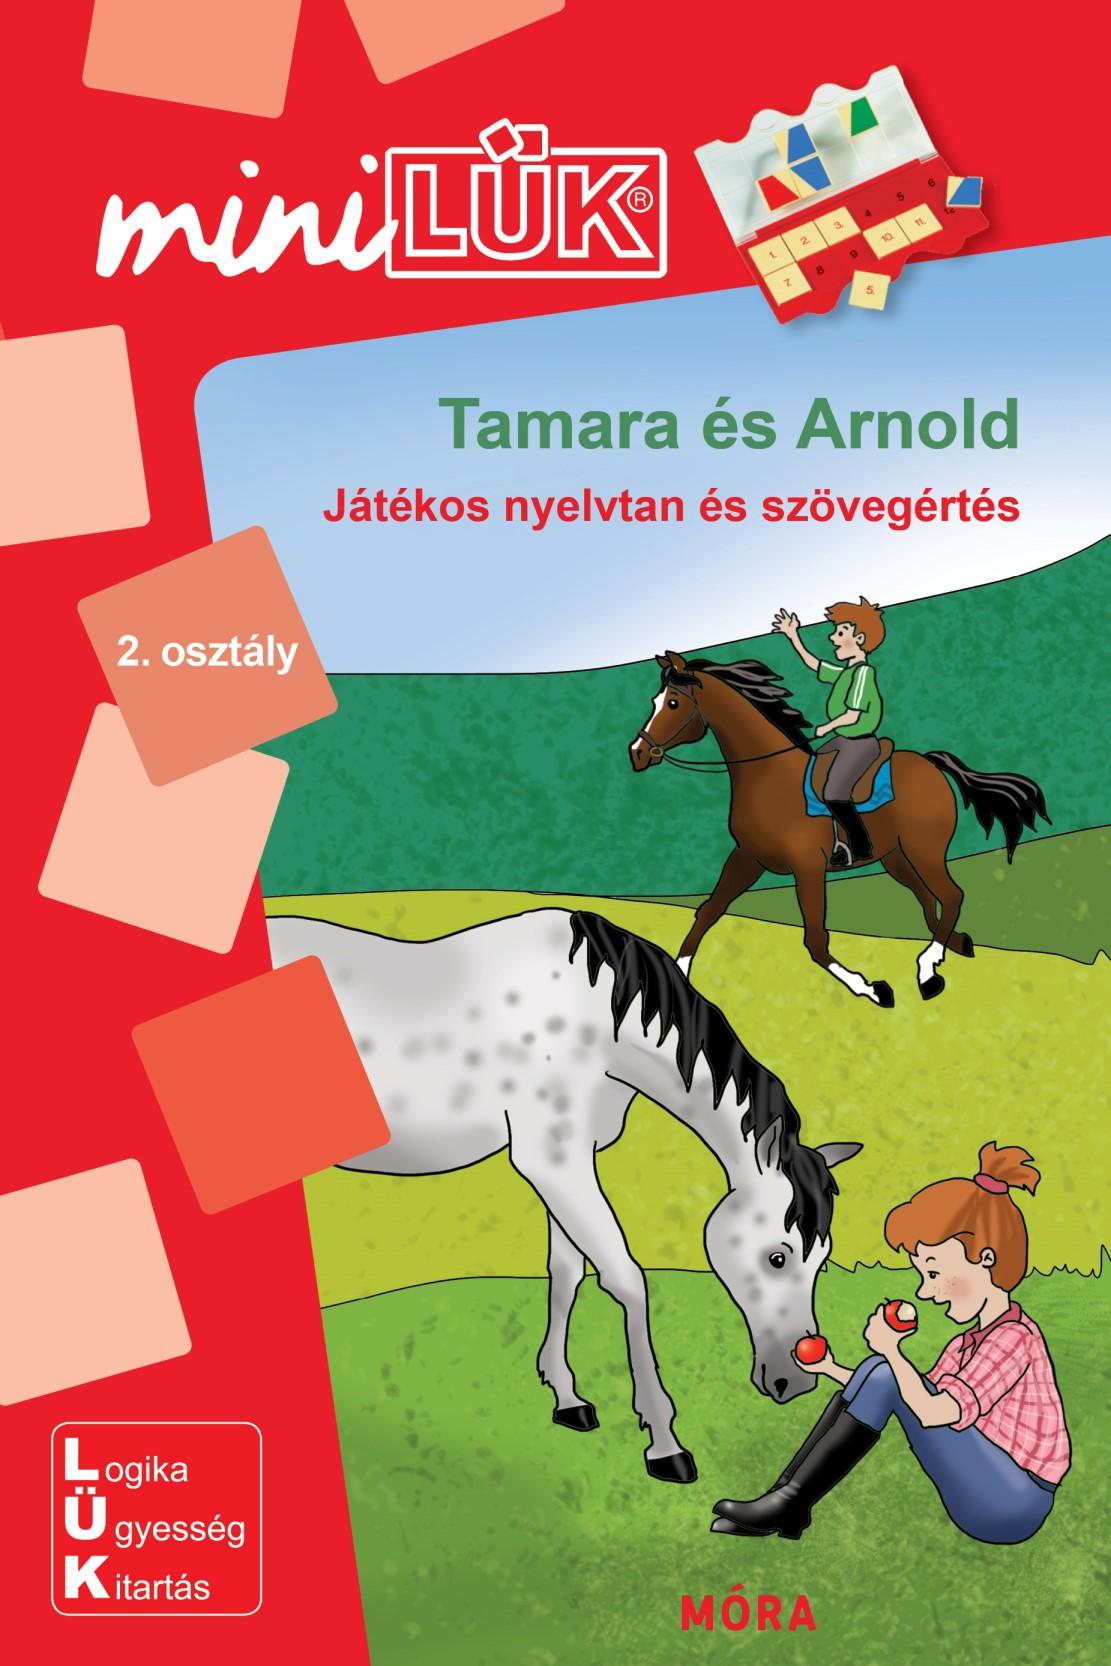 Tamara és Arnold - Játékos nyelvtan és szövegértés - MiniLÜK - Móra EDU -  pdf epub